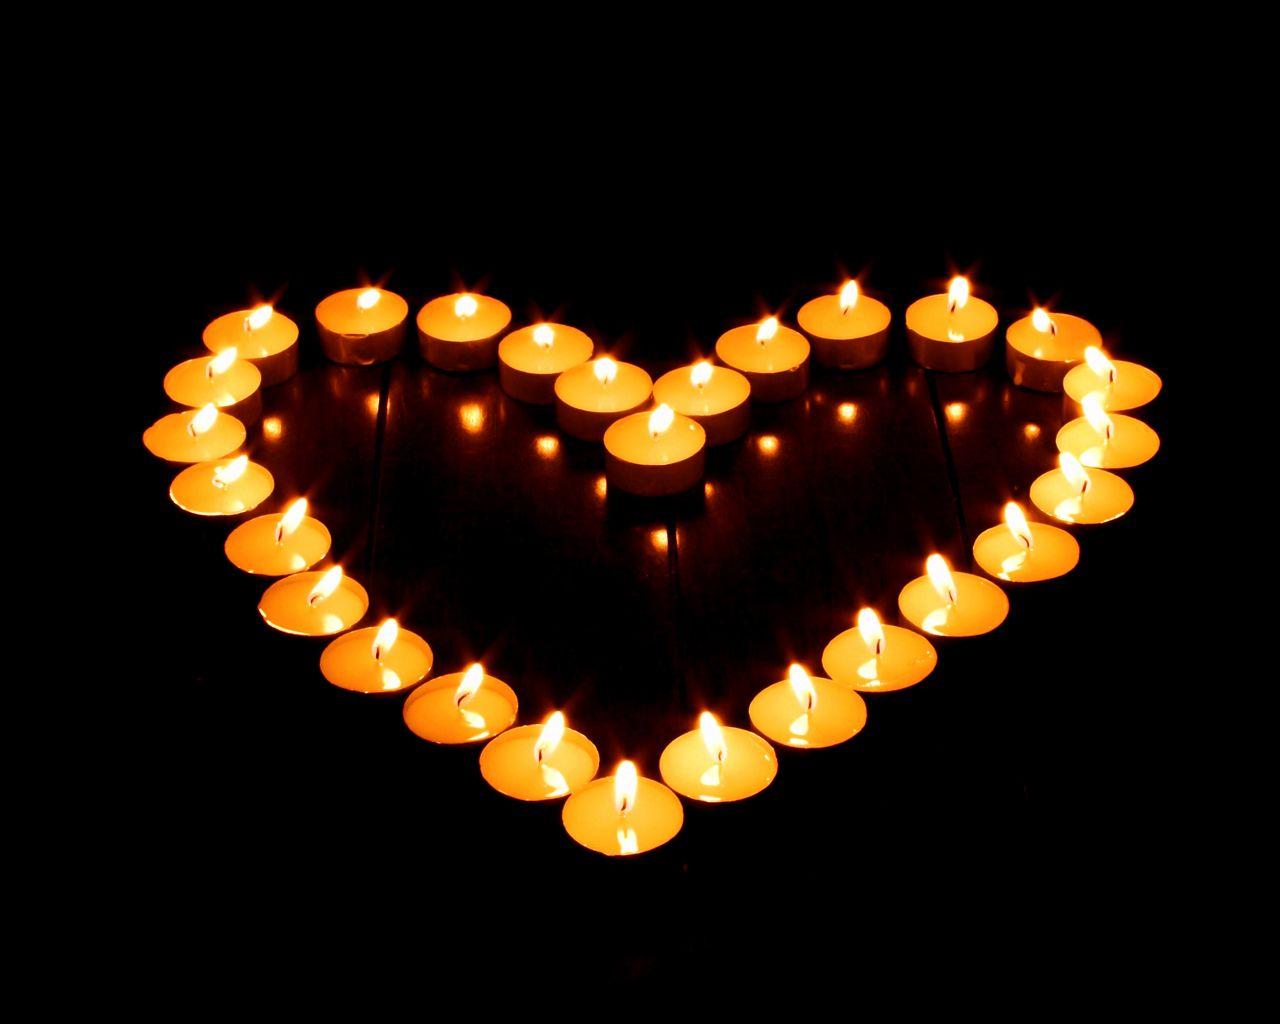 http://2.bp.blogspot.com/_sXiIZUhf0JA/TQkY_2v3vXI/AAAAAAAAADI/bv1y4kFlgMc/s1600/heart-shaped-candles-wallpapers_10238_1280x1024.jpg